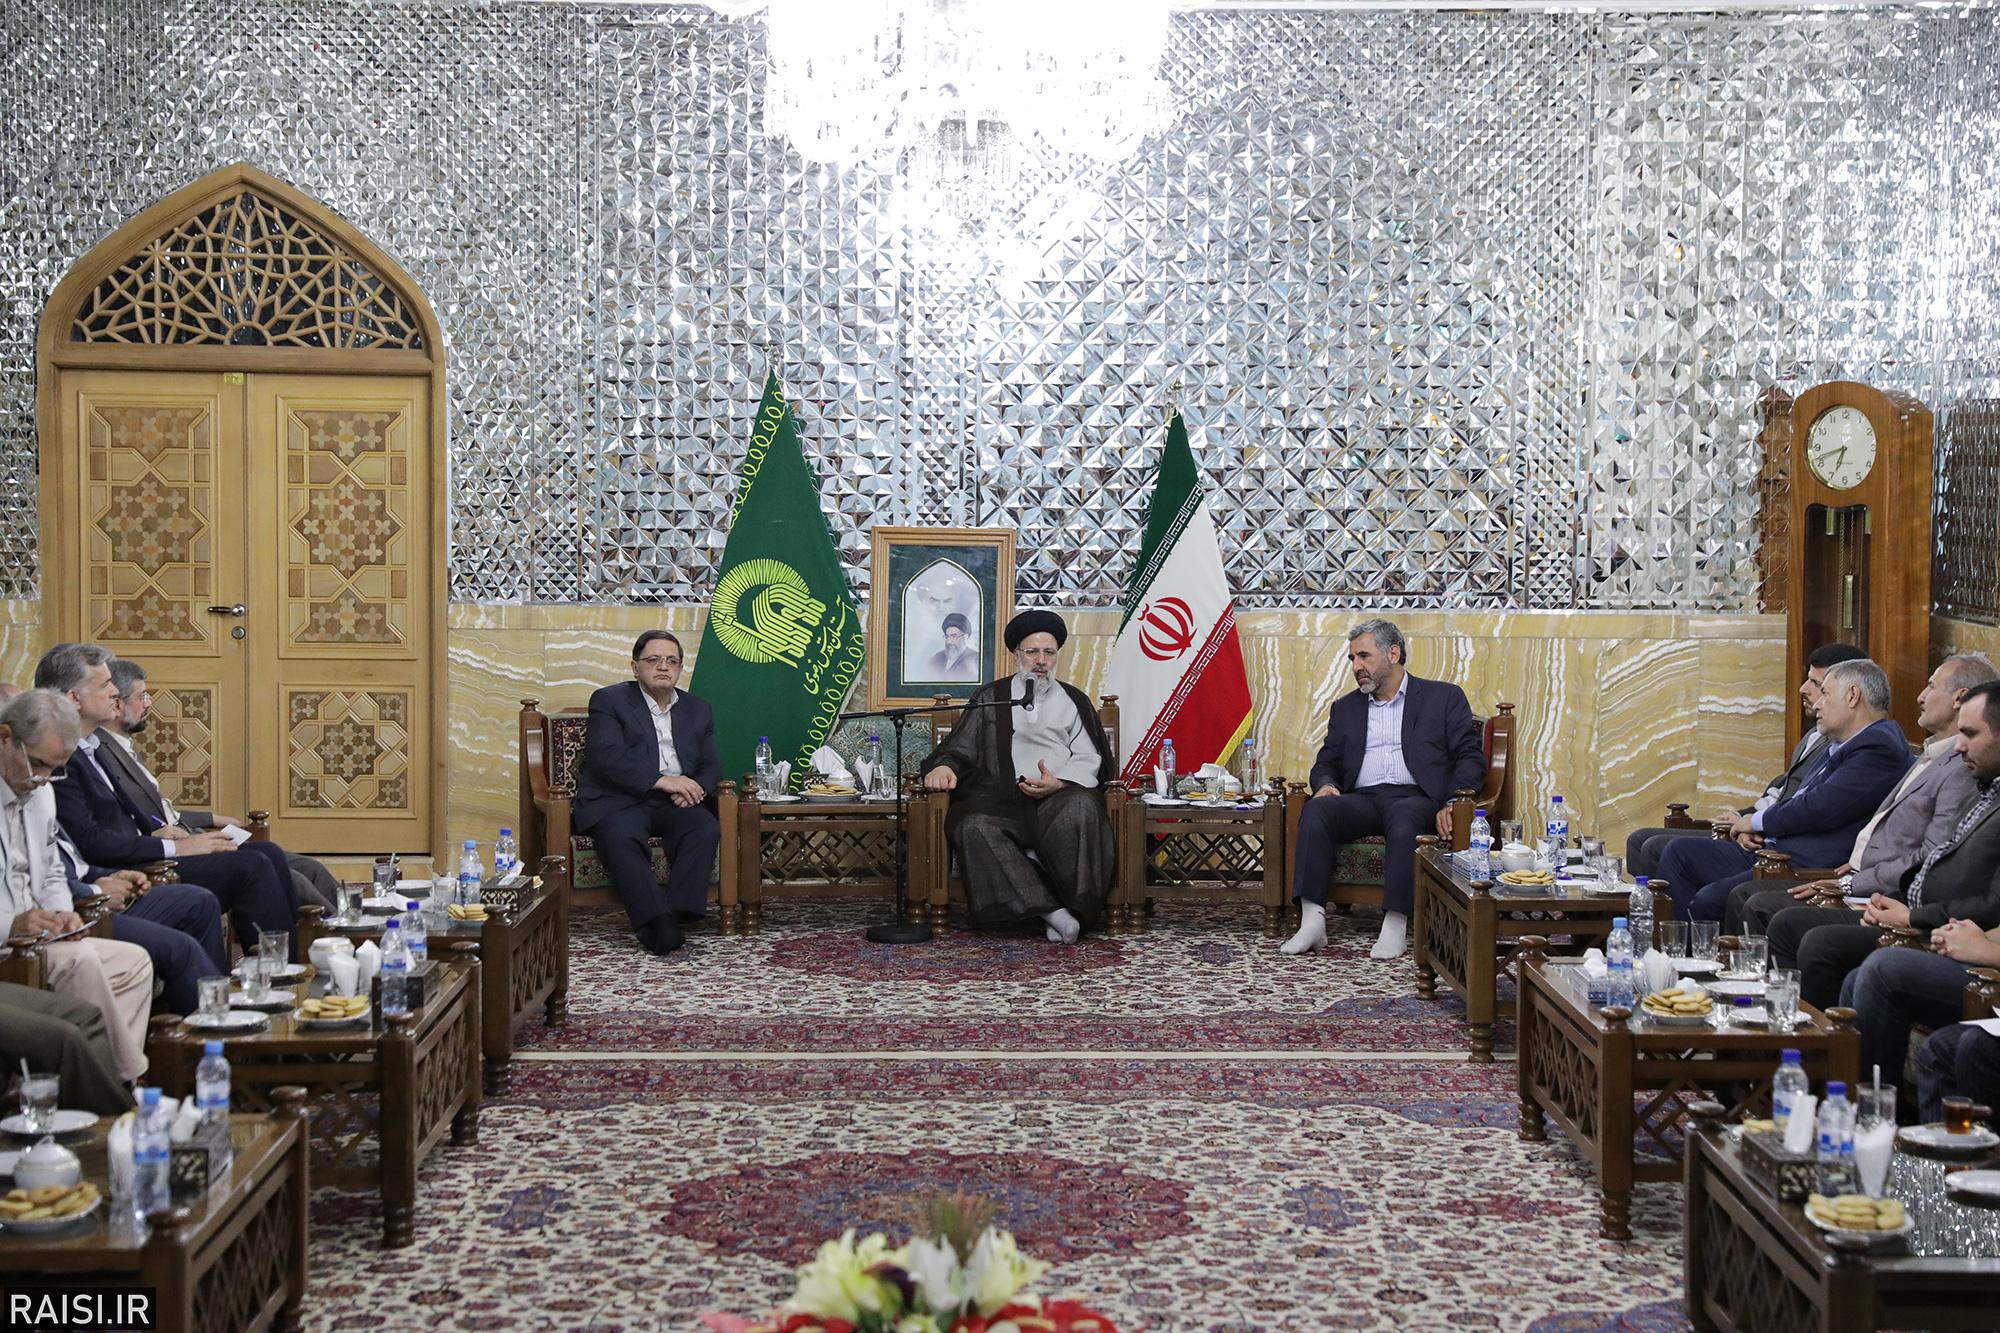 گزارش تصویری دیدار اعضای کمیسیون تدوین آیین نامه داخلی مجلس شورای اسلامی